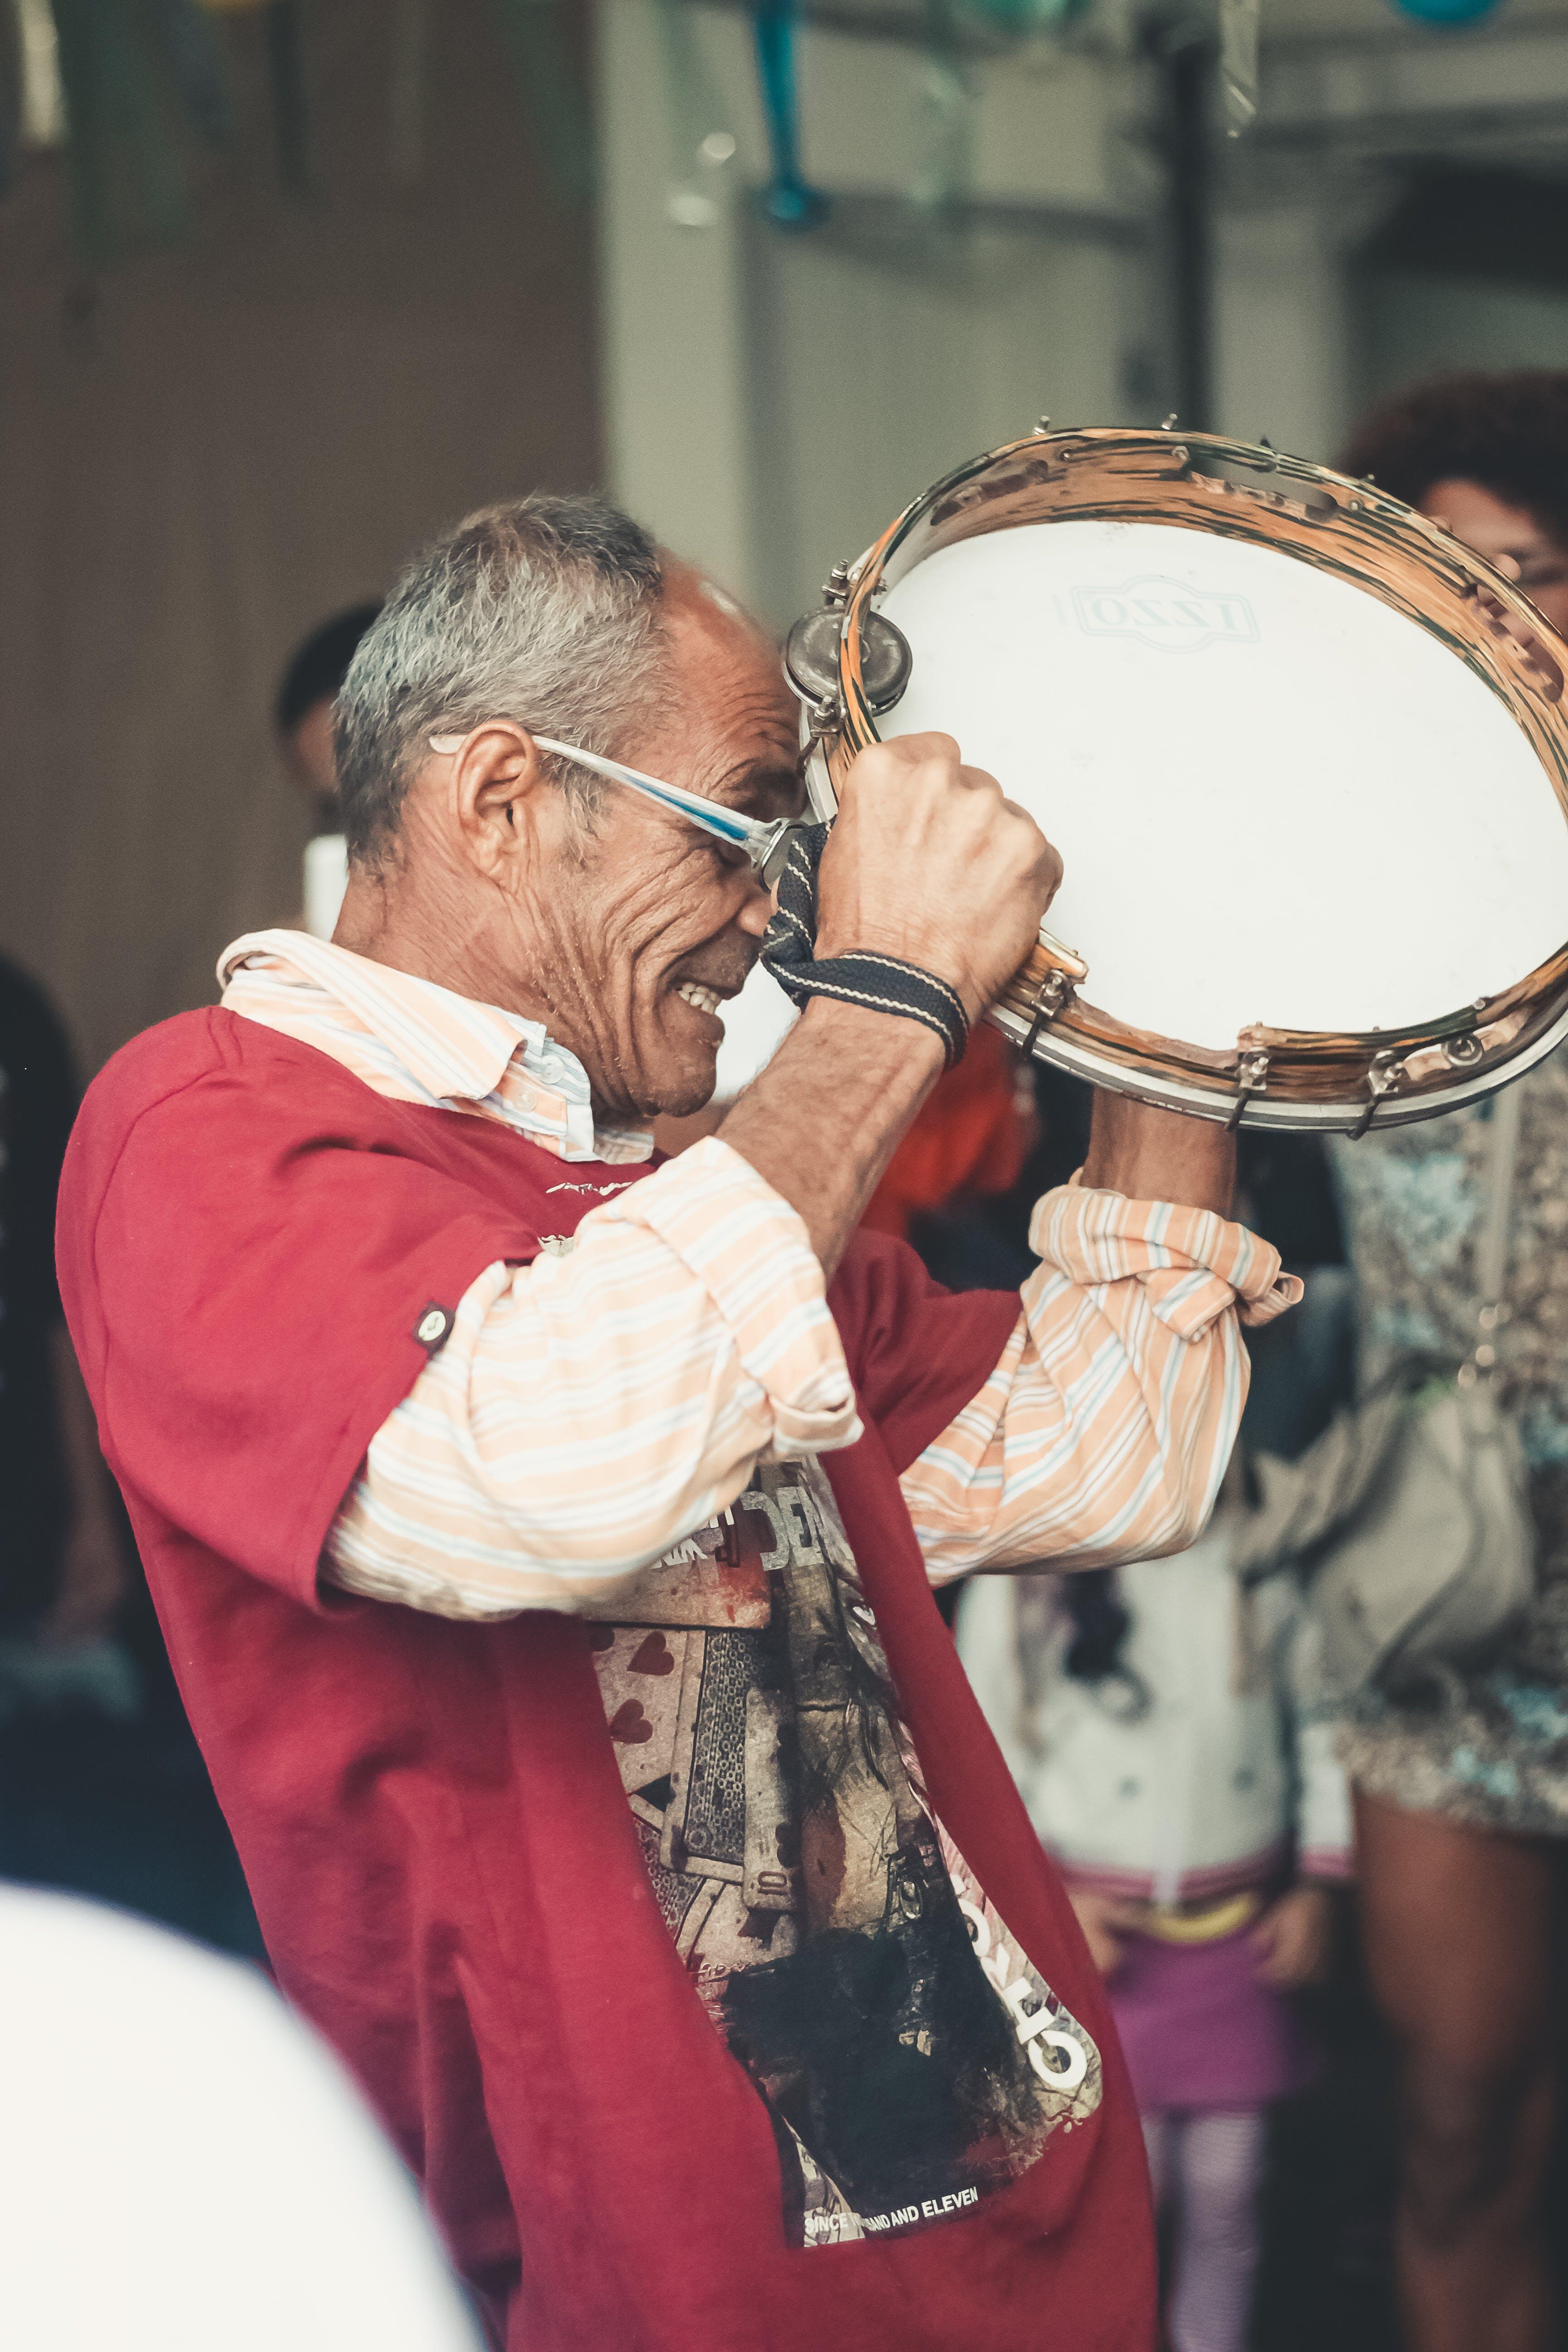 Gratis stockfoto met drumstel, iemand, instrument, kerel